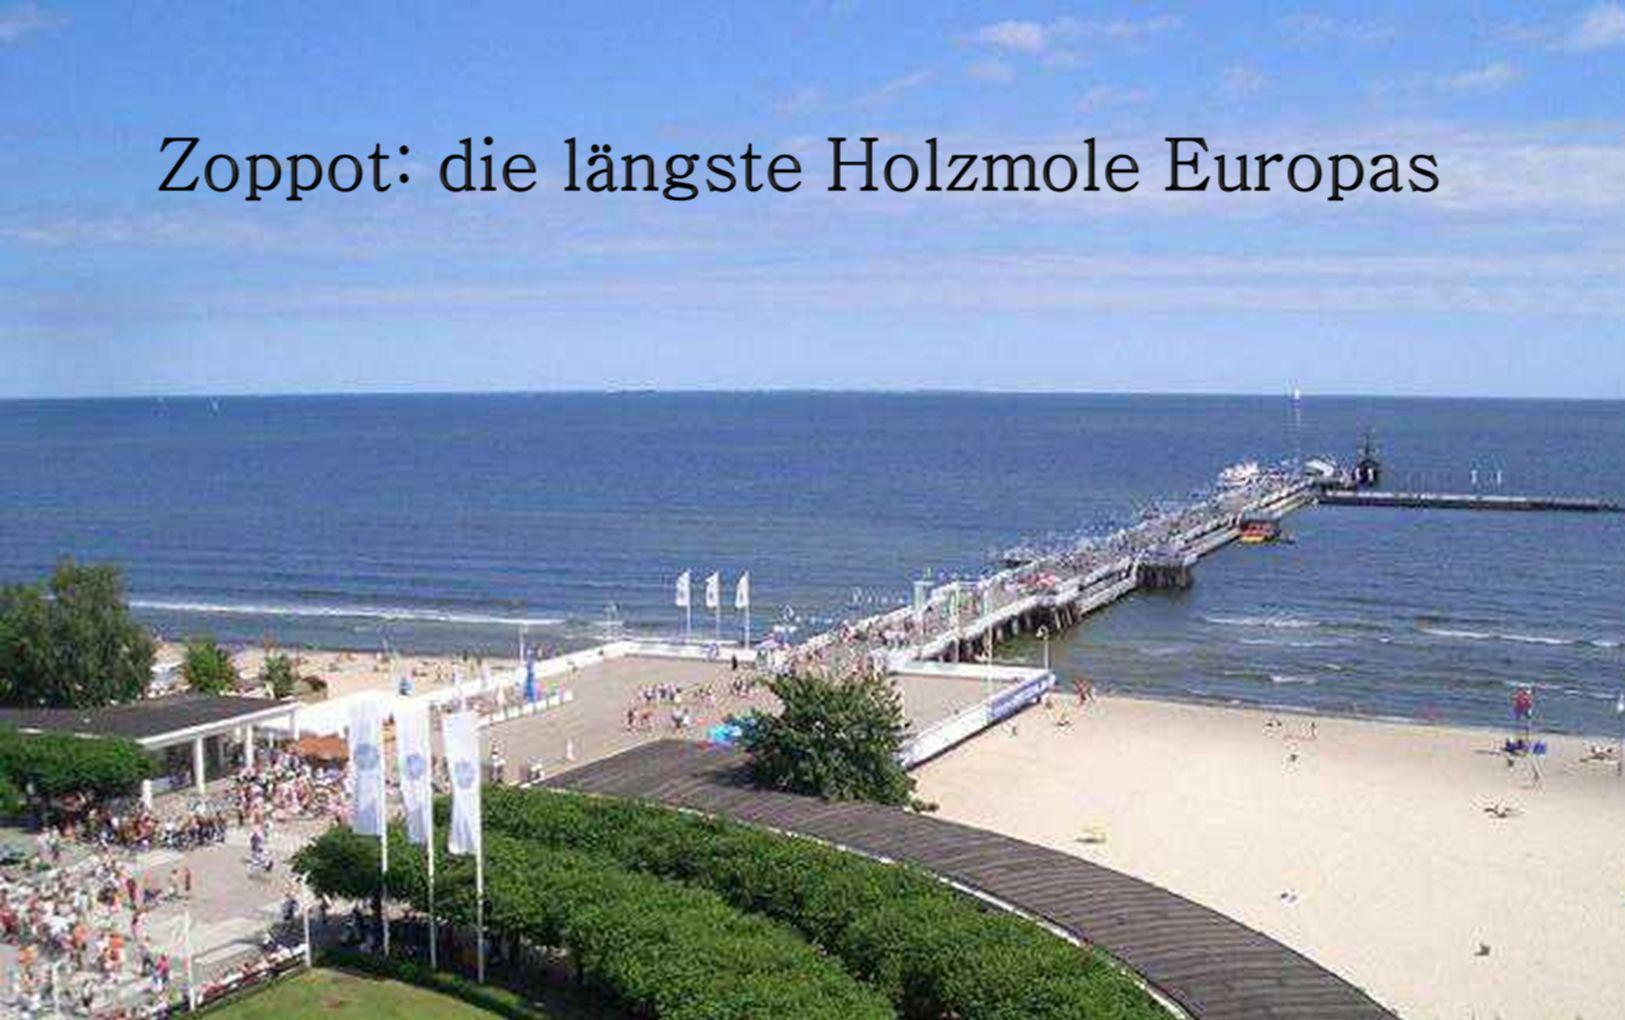 Von 1283 bis 1807 und von 1920 bis 1939 gehörte Zoppot zur Freien Stadt Danzig, ab 1945 kam der Ort an Polen. Eine Blüte als Seebad erlebte die Stadt zwischen den beiden Weltkriegen, als sie die reichsten Bürger Europas anlockte.